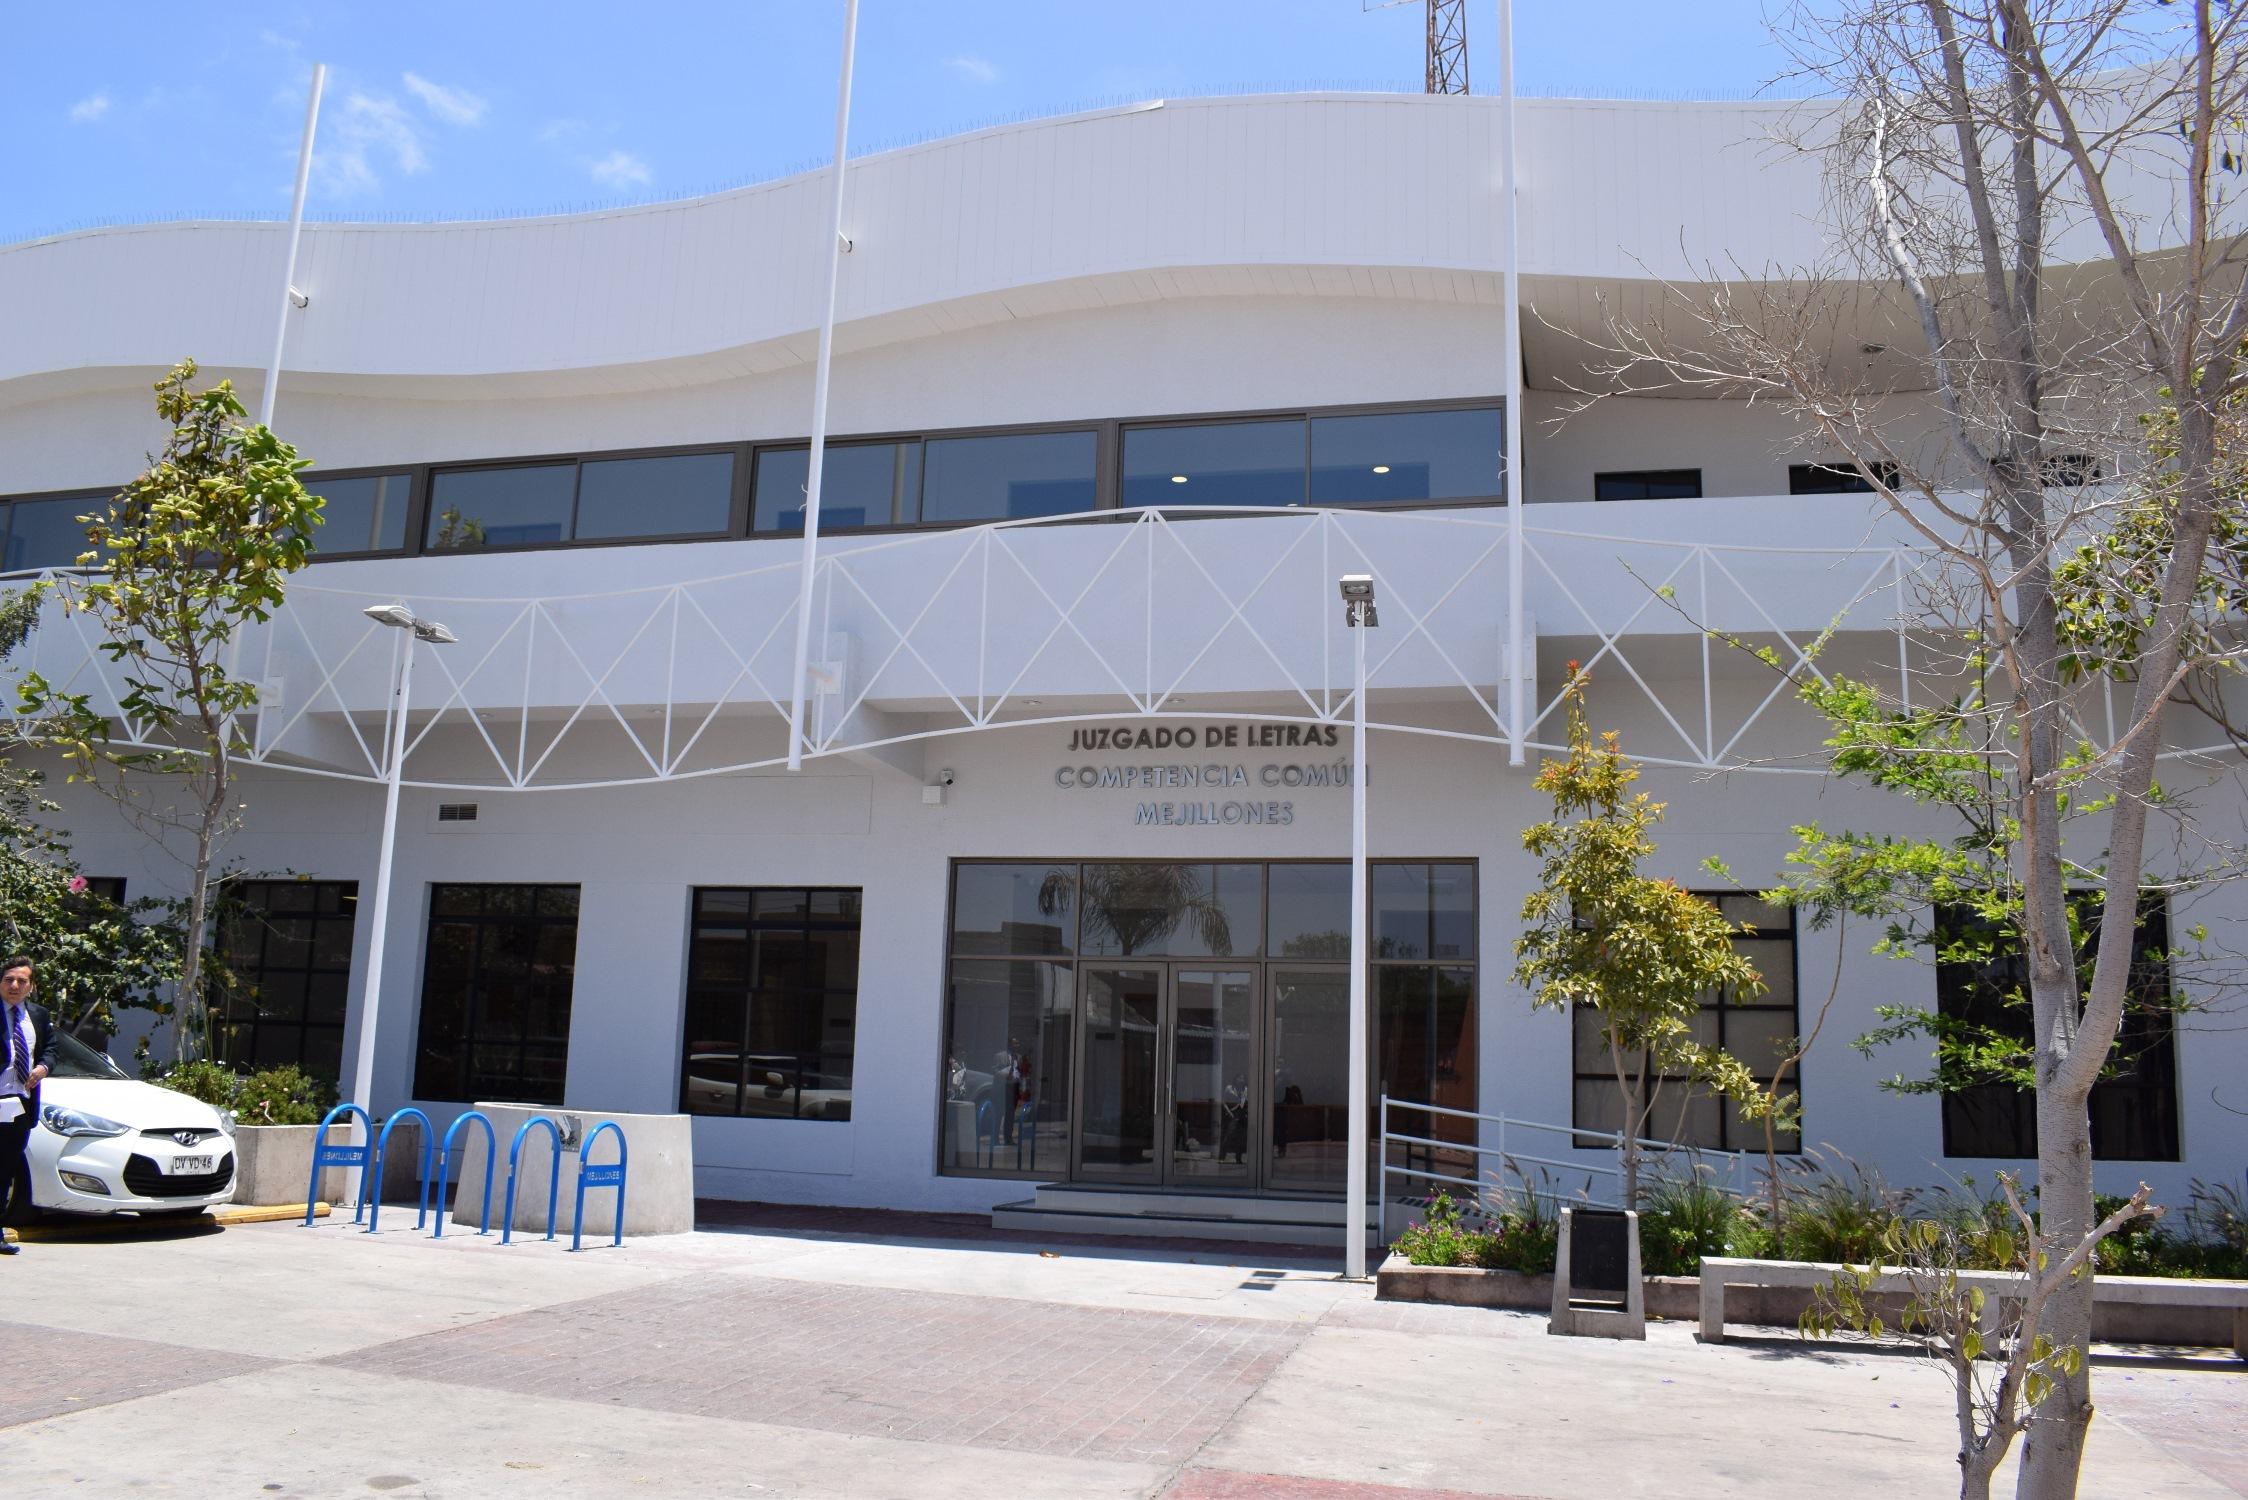 JUZGADO DE LETRAS Y COMPETENCIA COMÚN DE MEJILLONES RETOMA ENTREGA Y RECEPCIÓN DE DOCUMENTOS